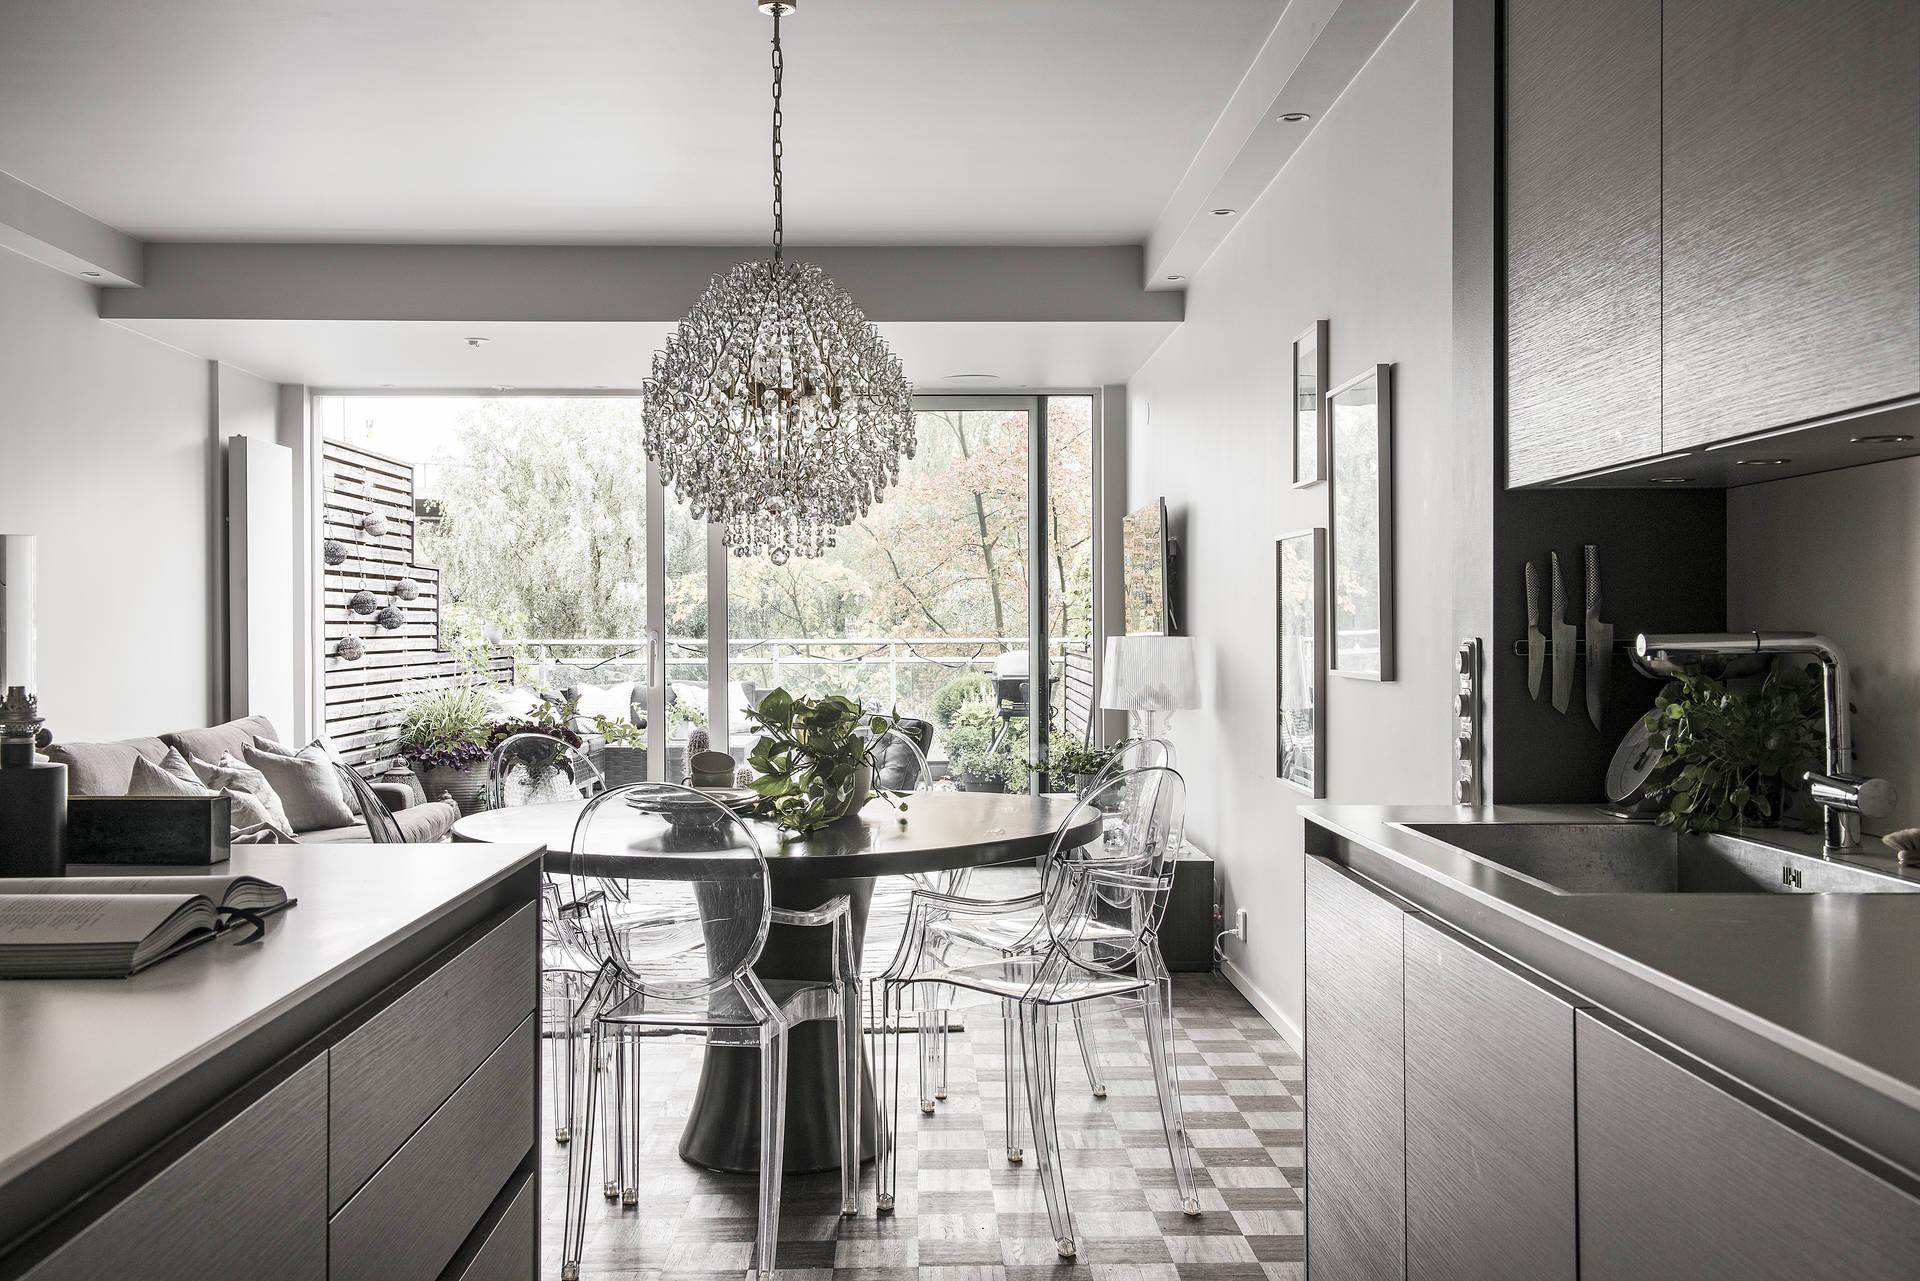 кухня гостиная стол пластиковые стулья